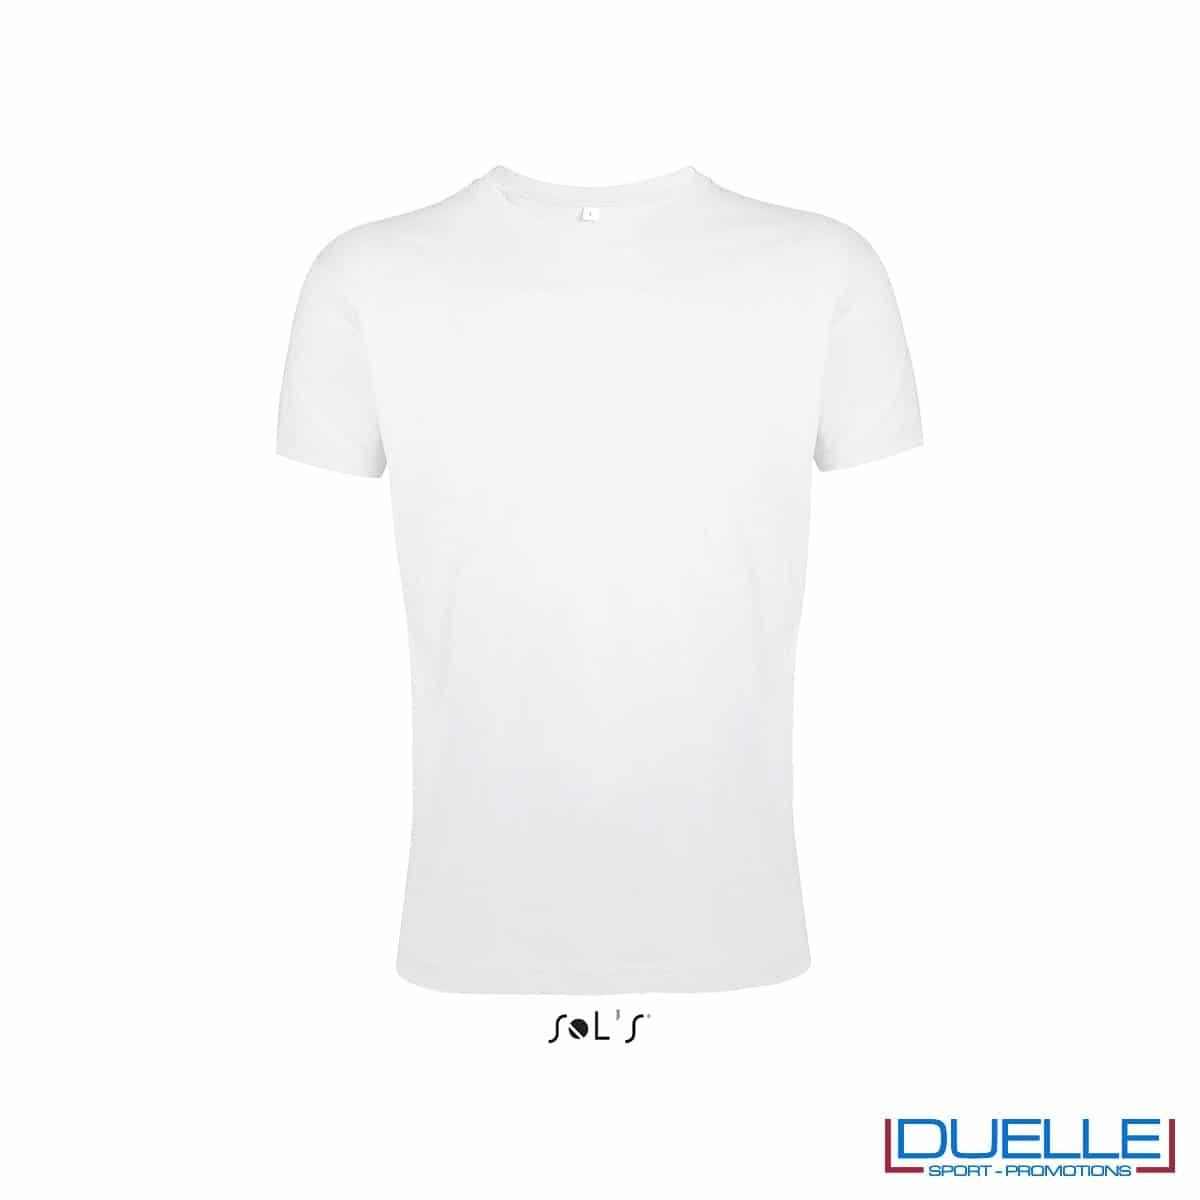 T-shirt girocollo personalizzata slim-fit colore bianco